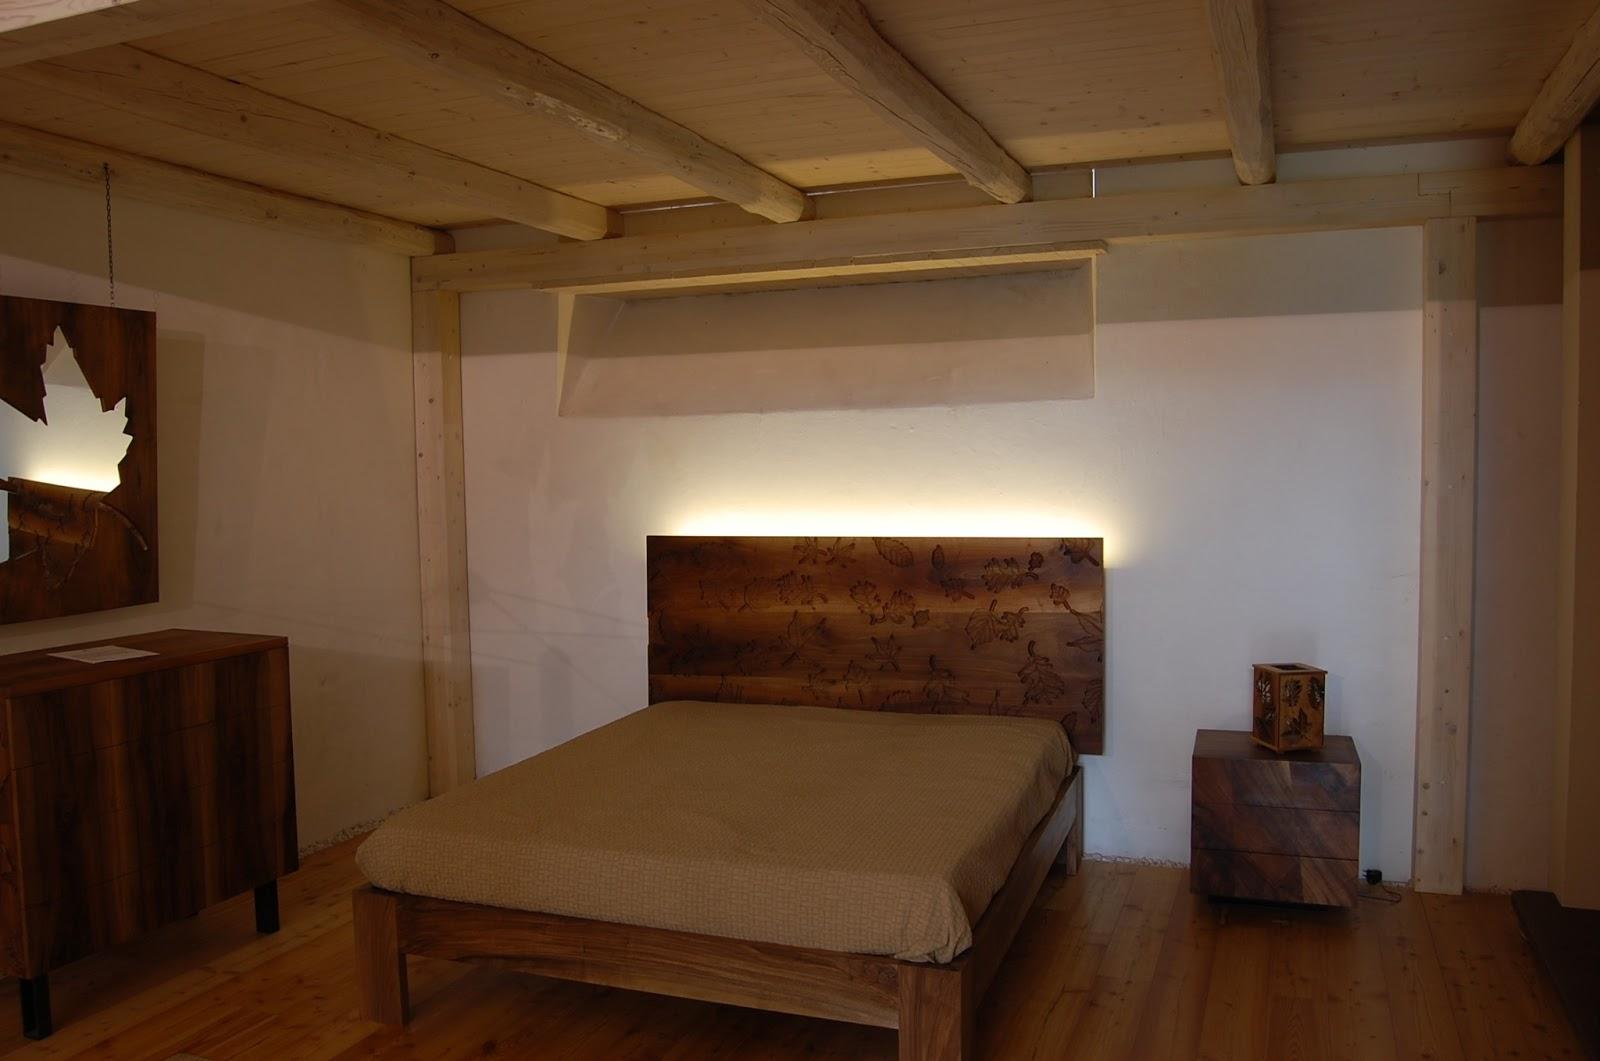 Illuminazione led casa saluzzo consorzio saluzzo arreda - Illuminazione in casa ...